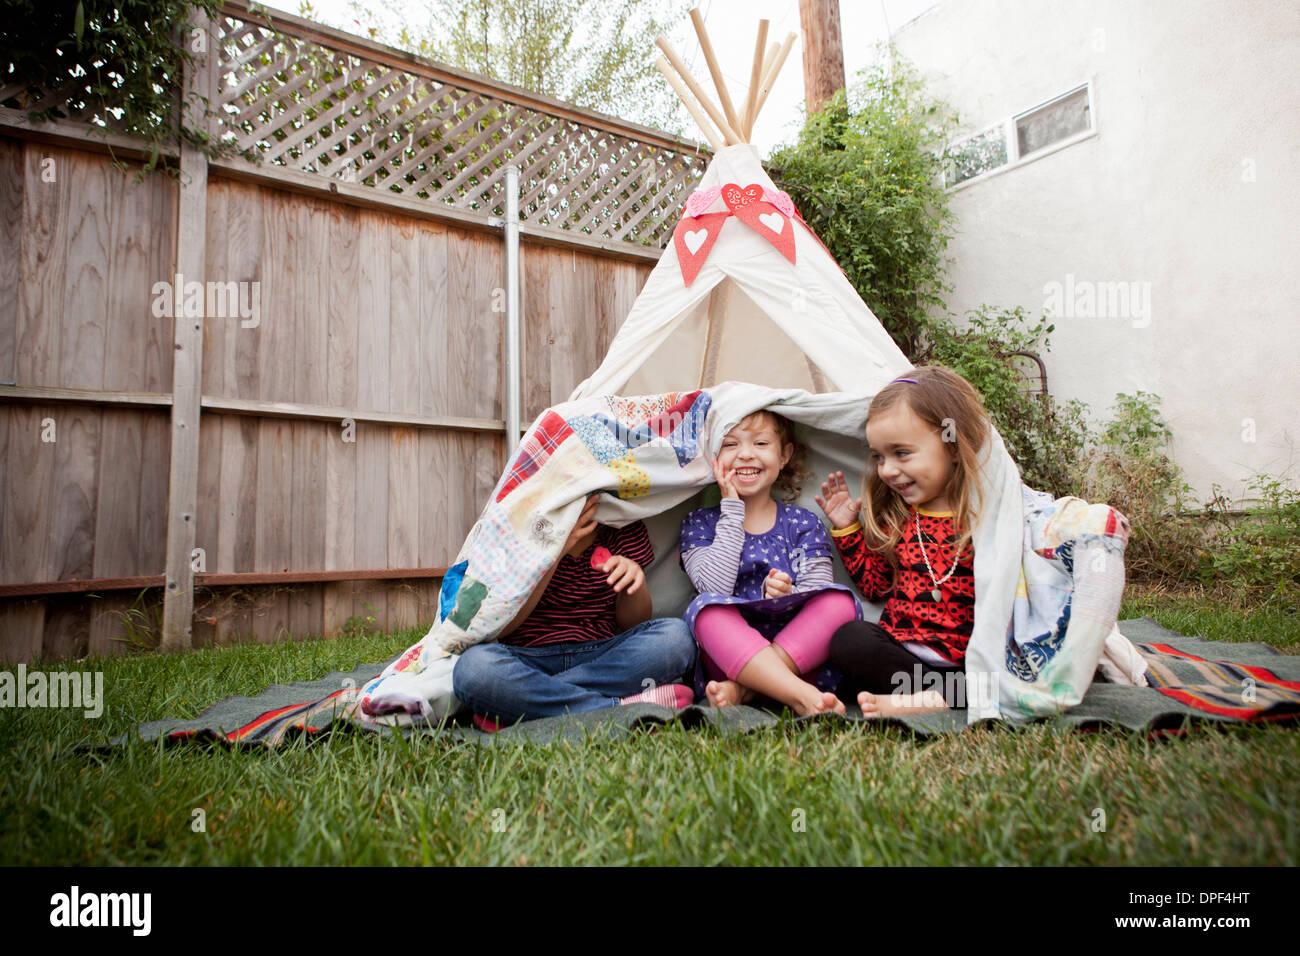 Trois jeunes filles dans le jardin caché sous couverture Photo Stock